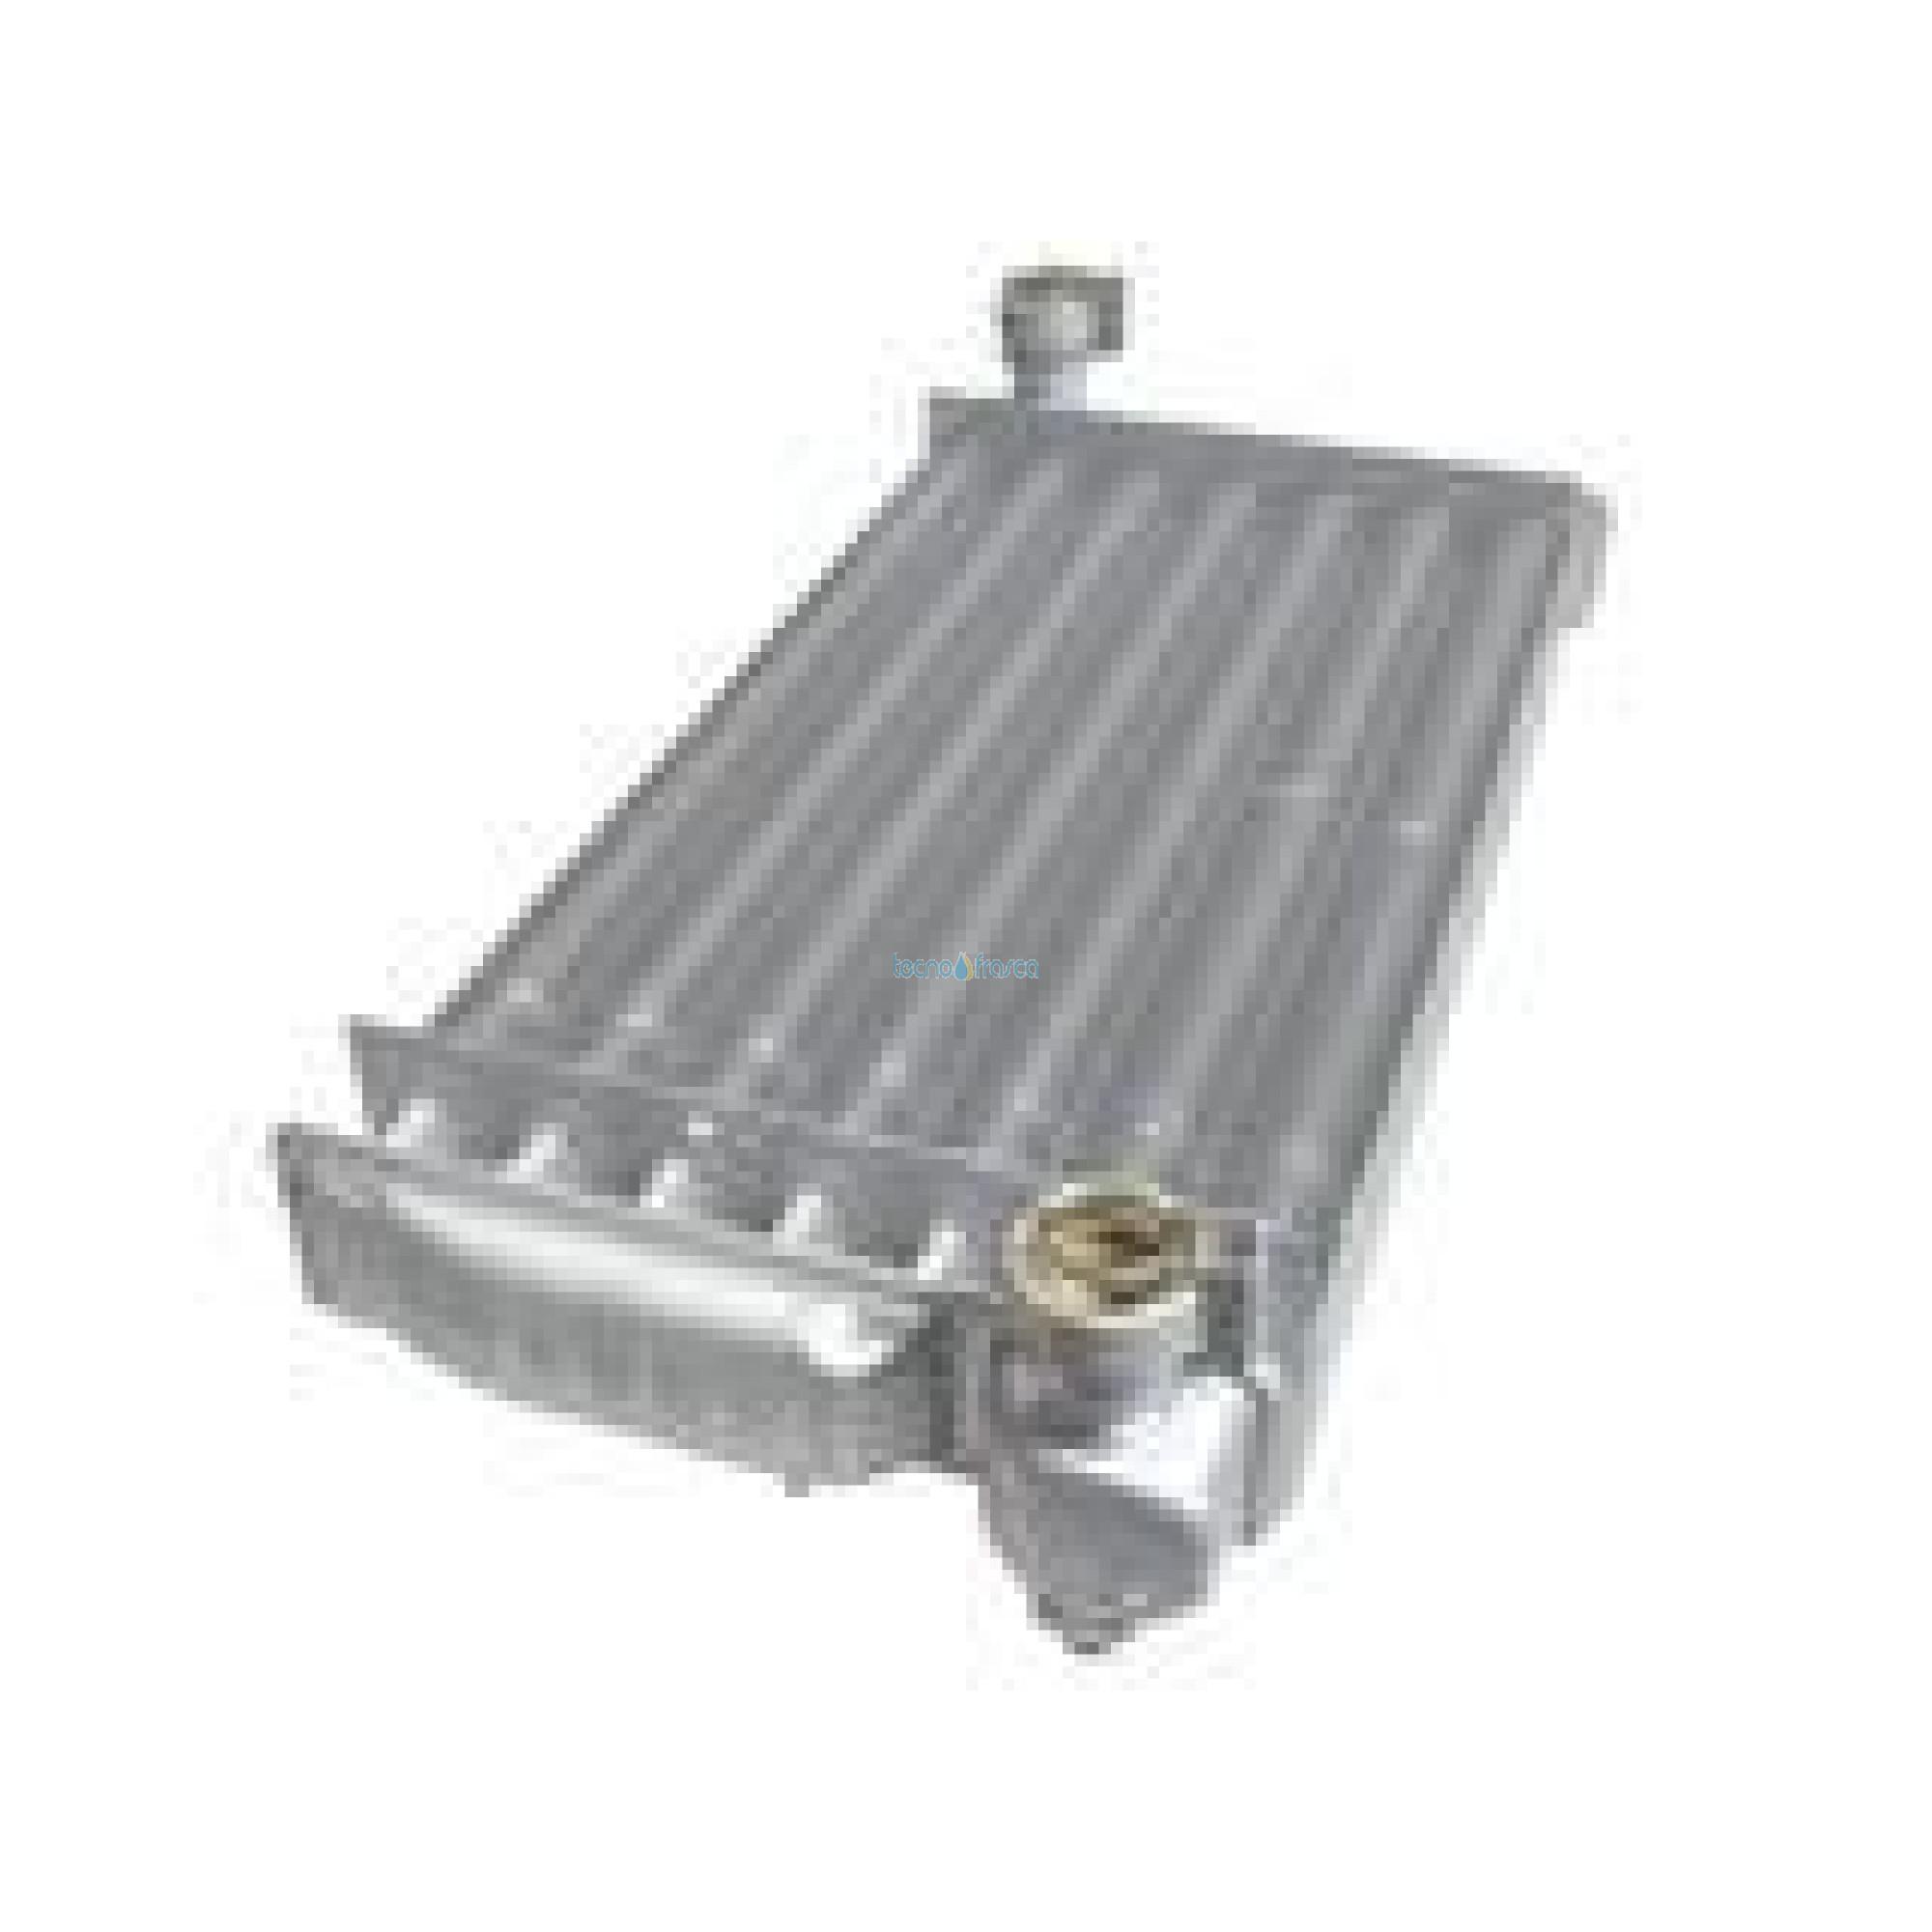 Baxi scambiatore acqua gas ff + clip jjj000612330